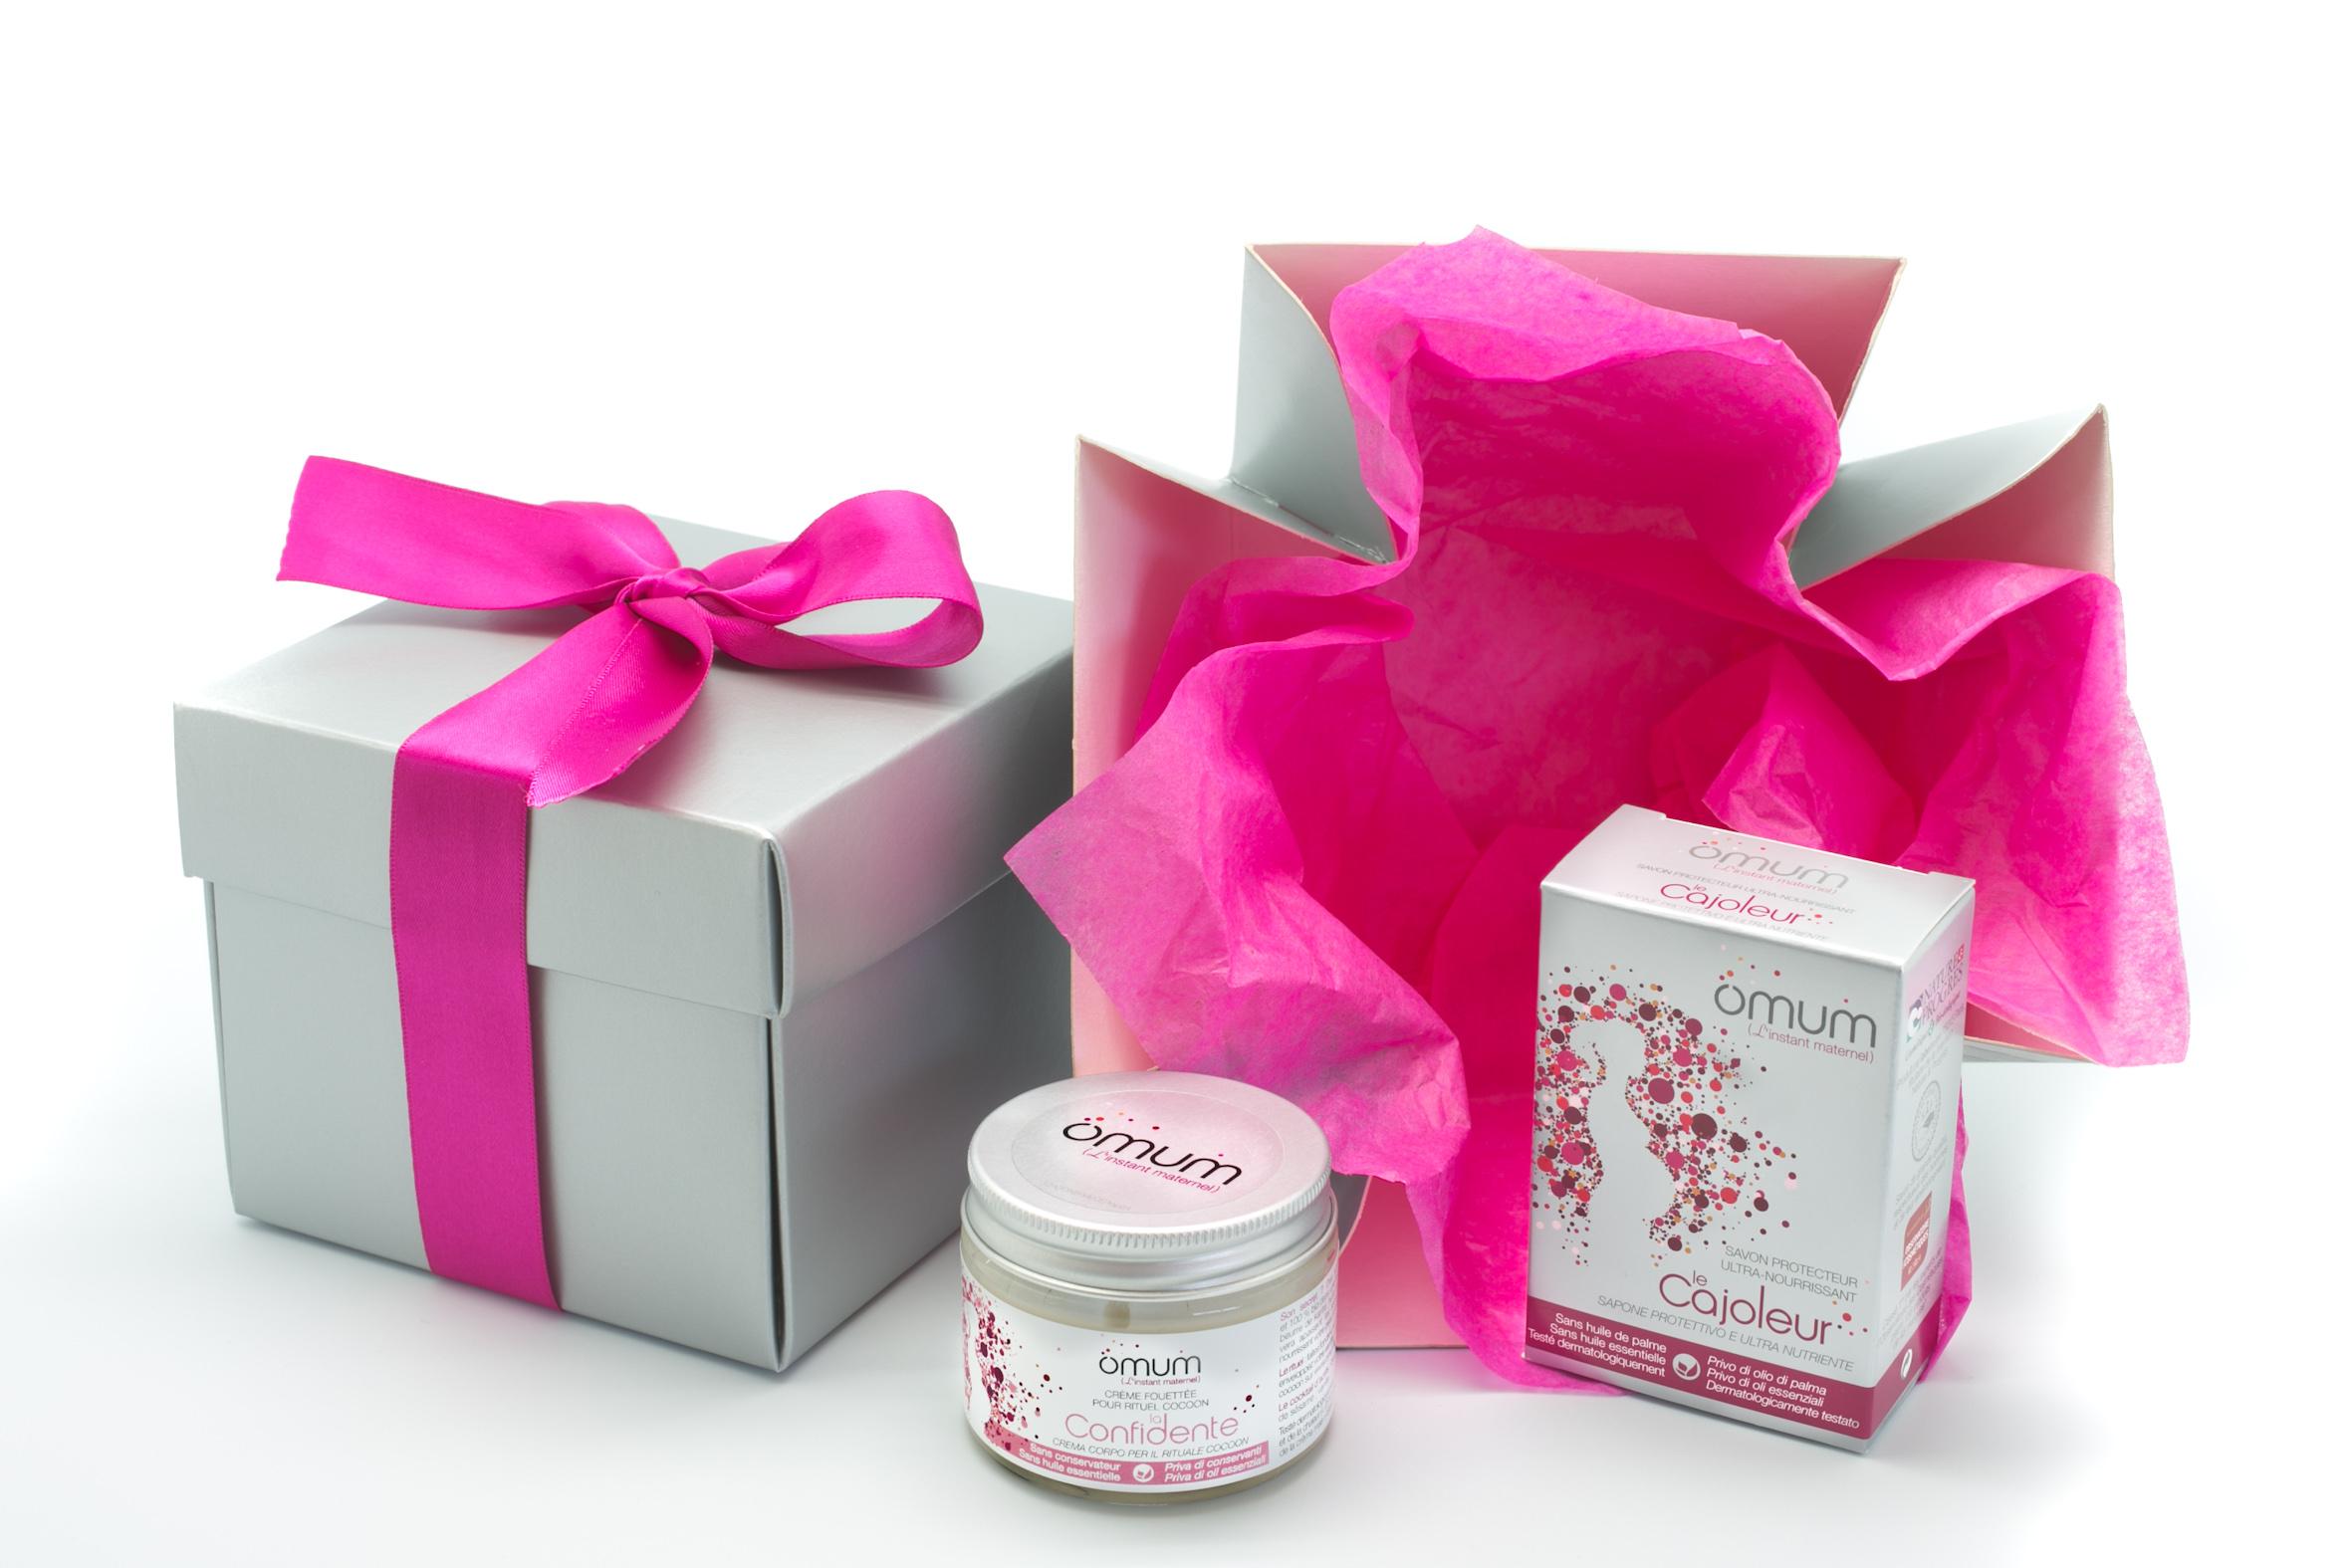 Doux Good - Omum - Instant Calin a offrir aux futures mamans avec 2 soins